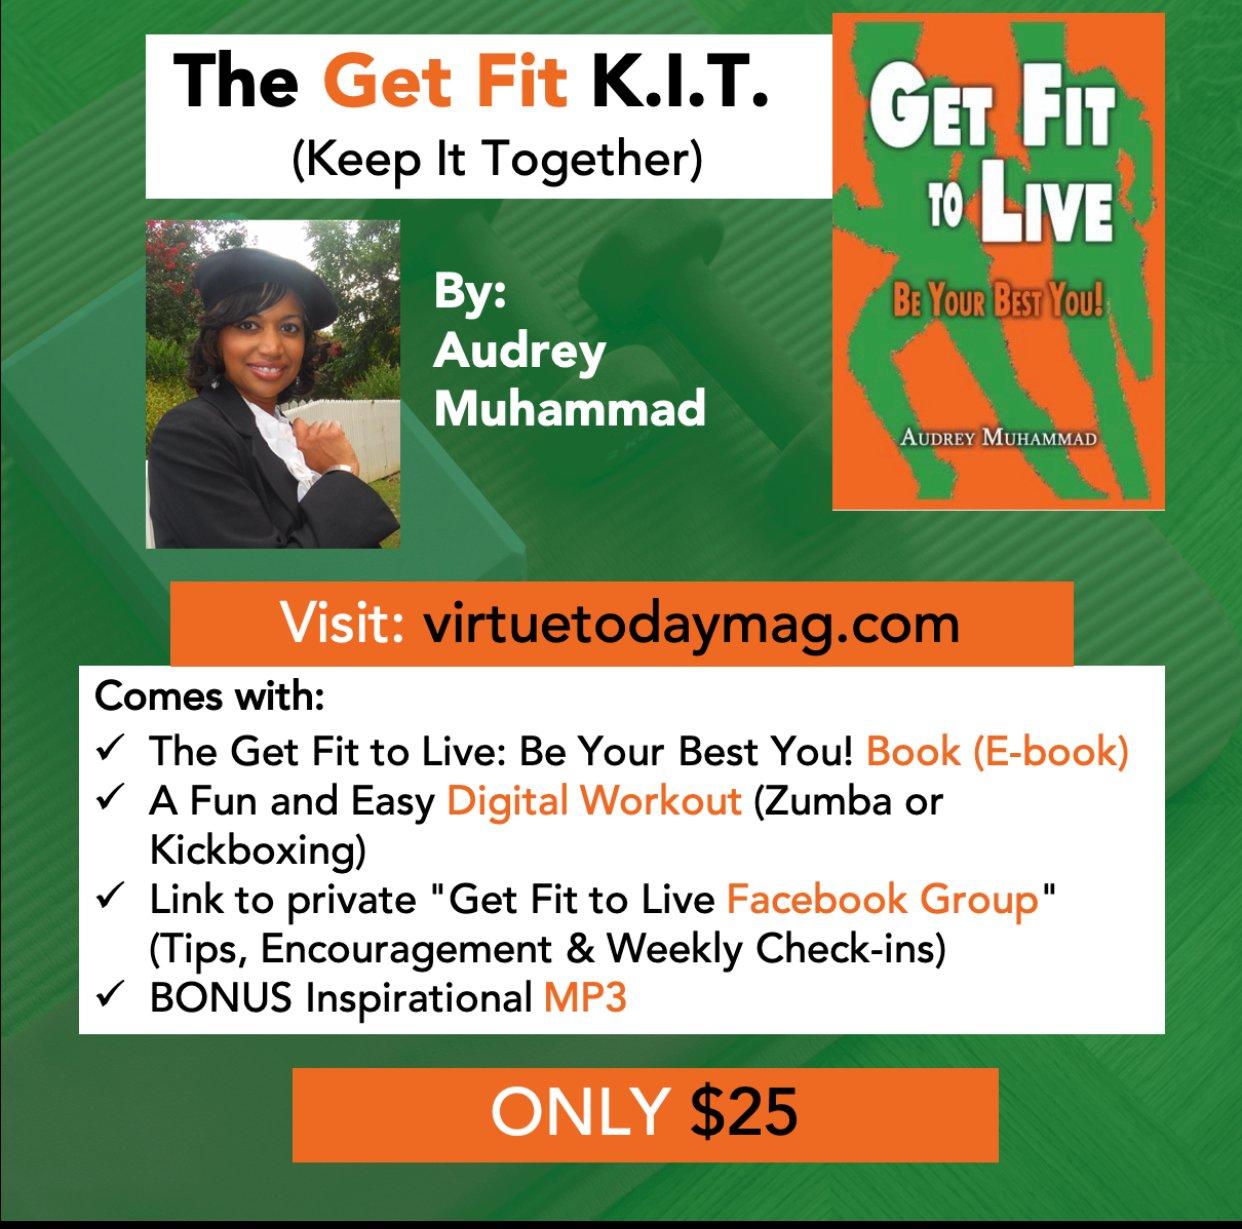 Image of Get Fit K.I.T